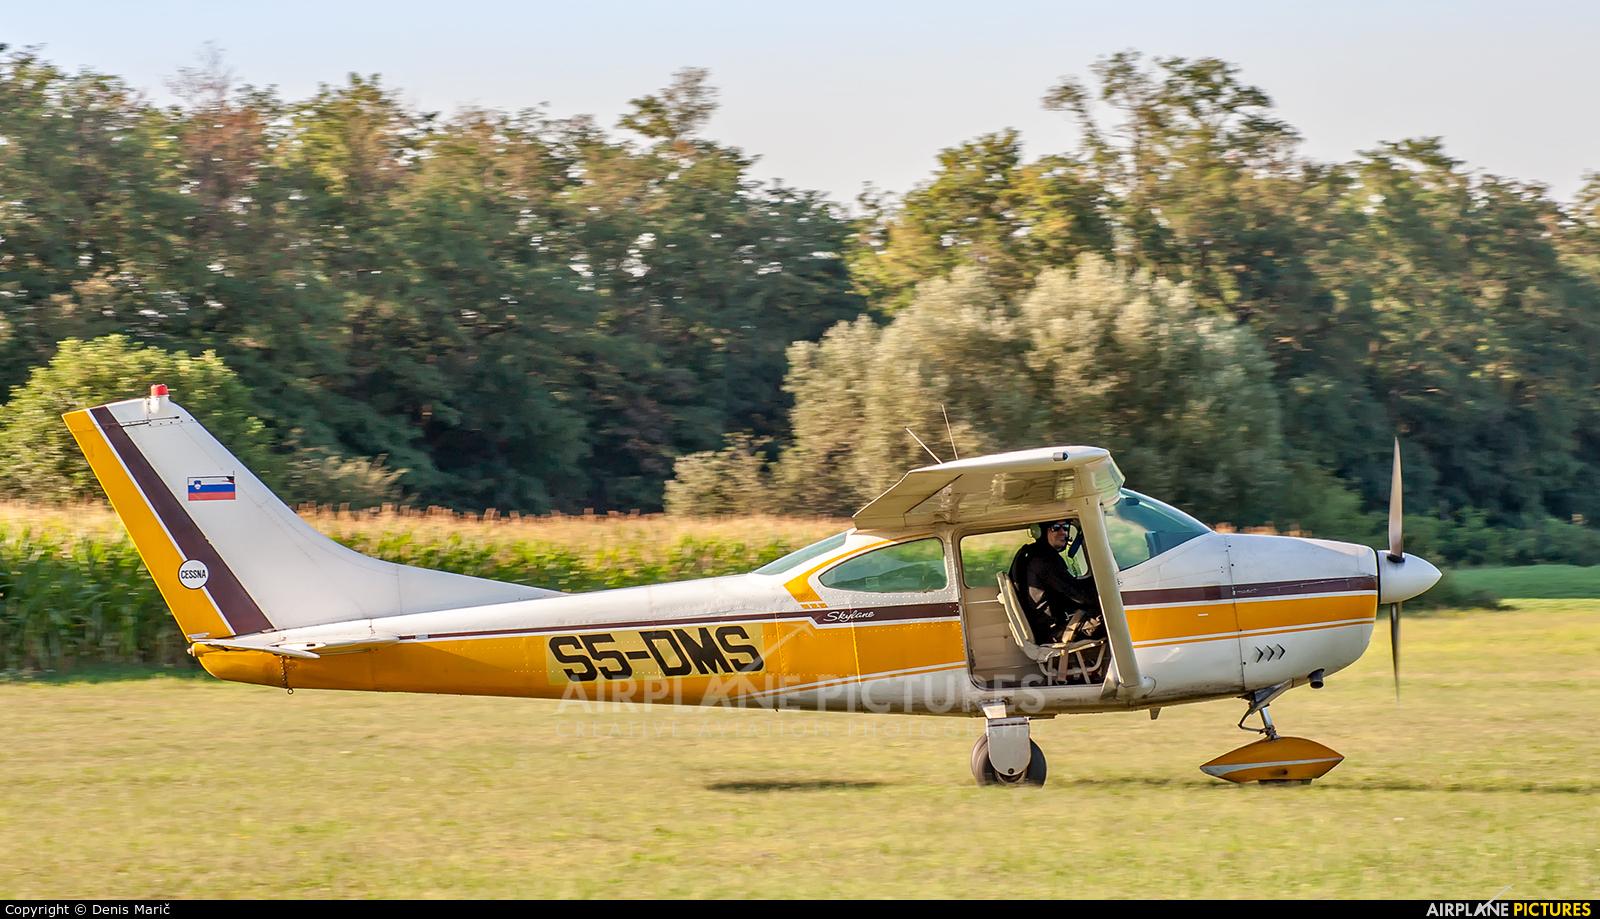 Aeroklub Murska Sobota S5-DMS aircraft at Murska Sobota